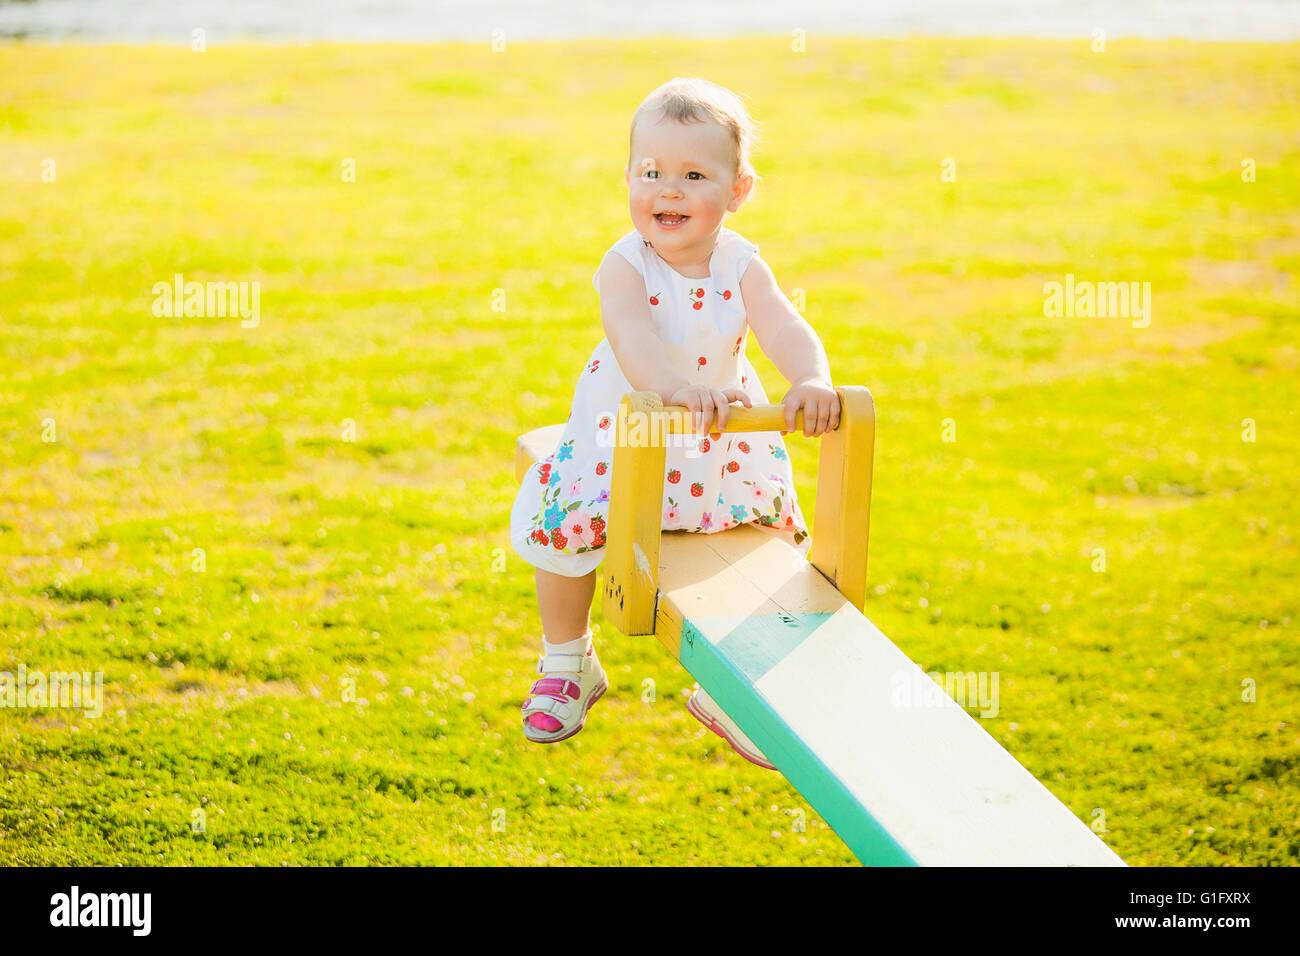 Bambina godendo di swing di equitazione con mamma presso la splendida natura dello sfondo. Baby felicemente giocando Immagini Stock